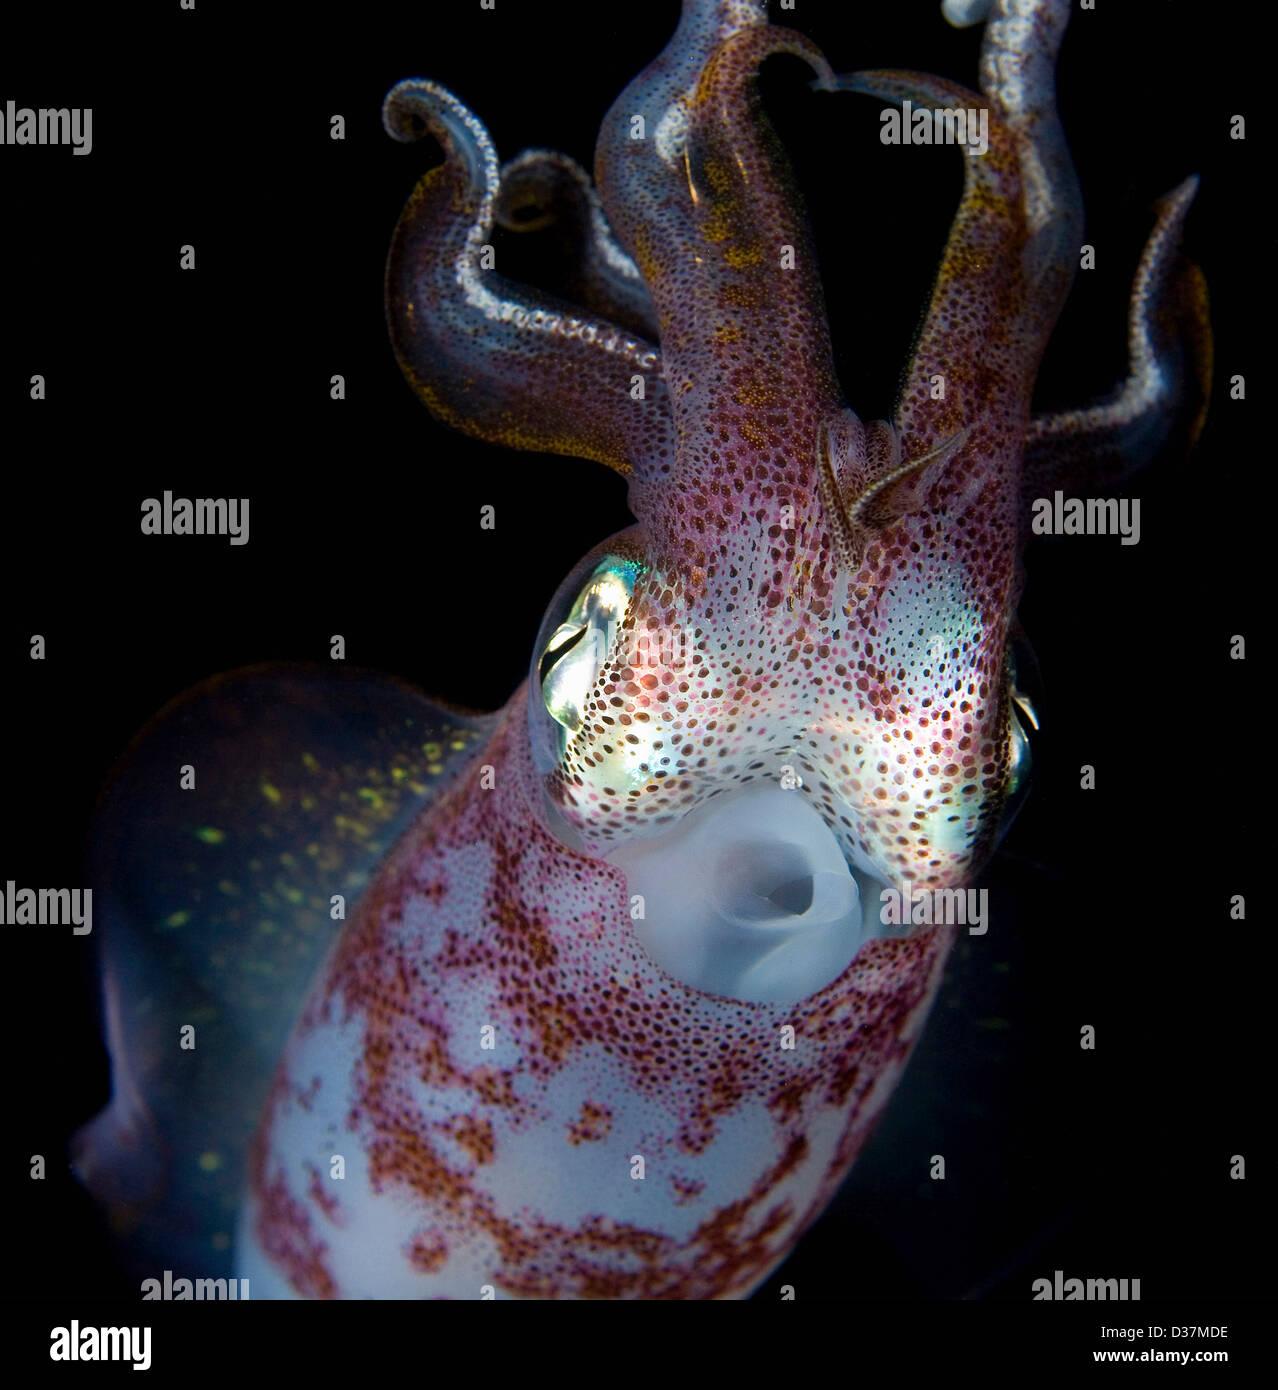 Close-up de lulas debaixo de água durante a noite Imagens de Stock